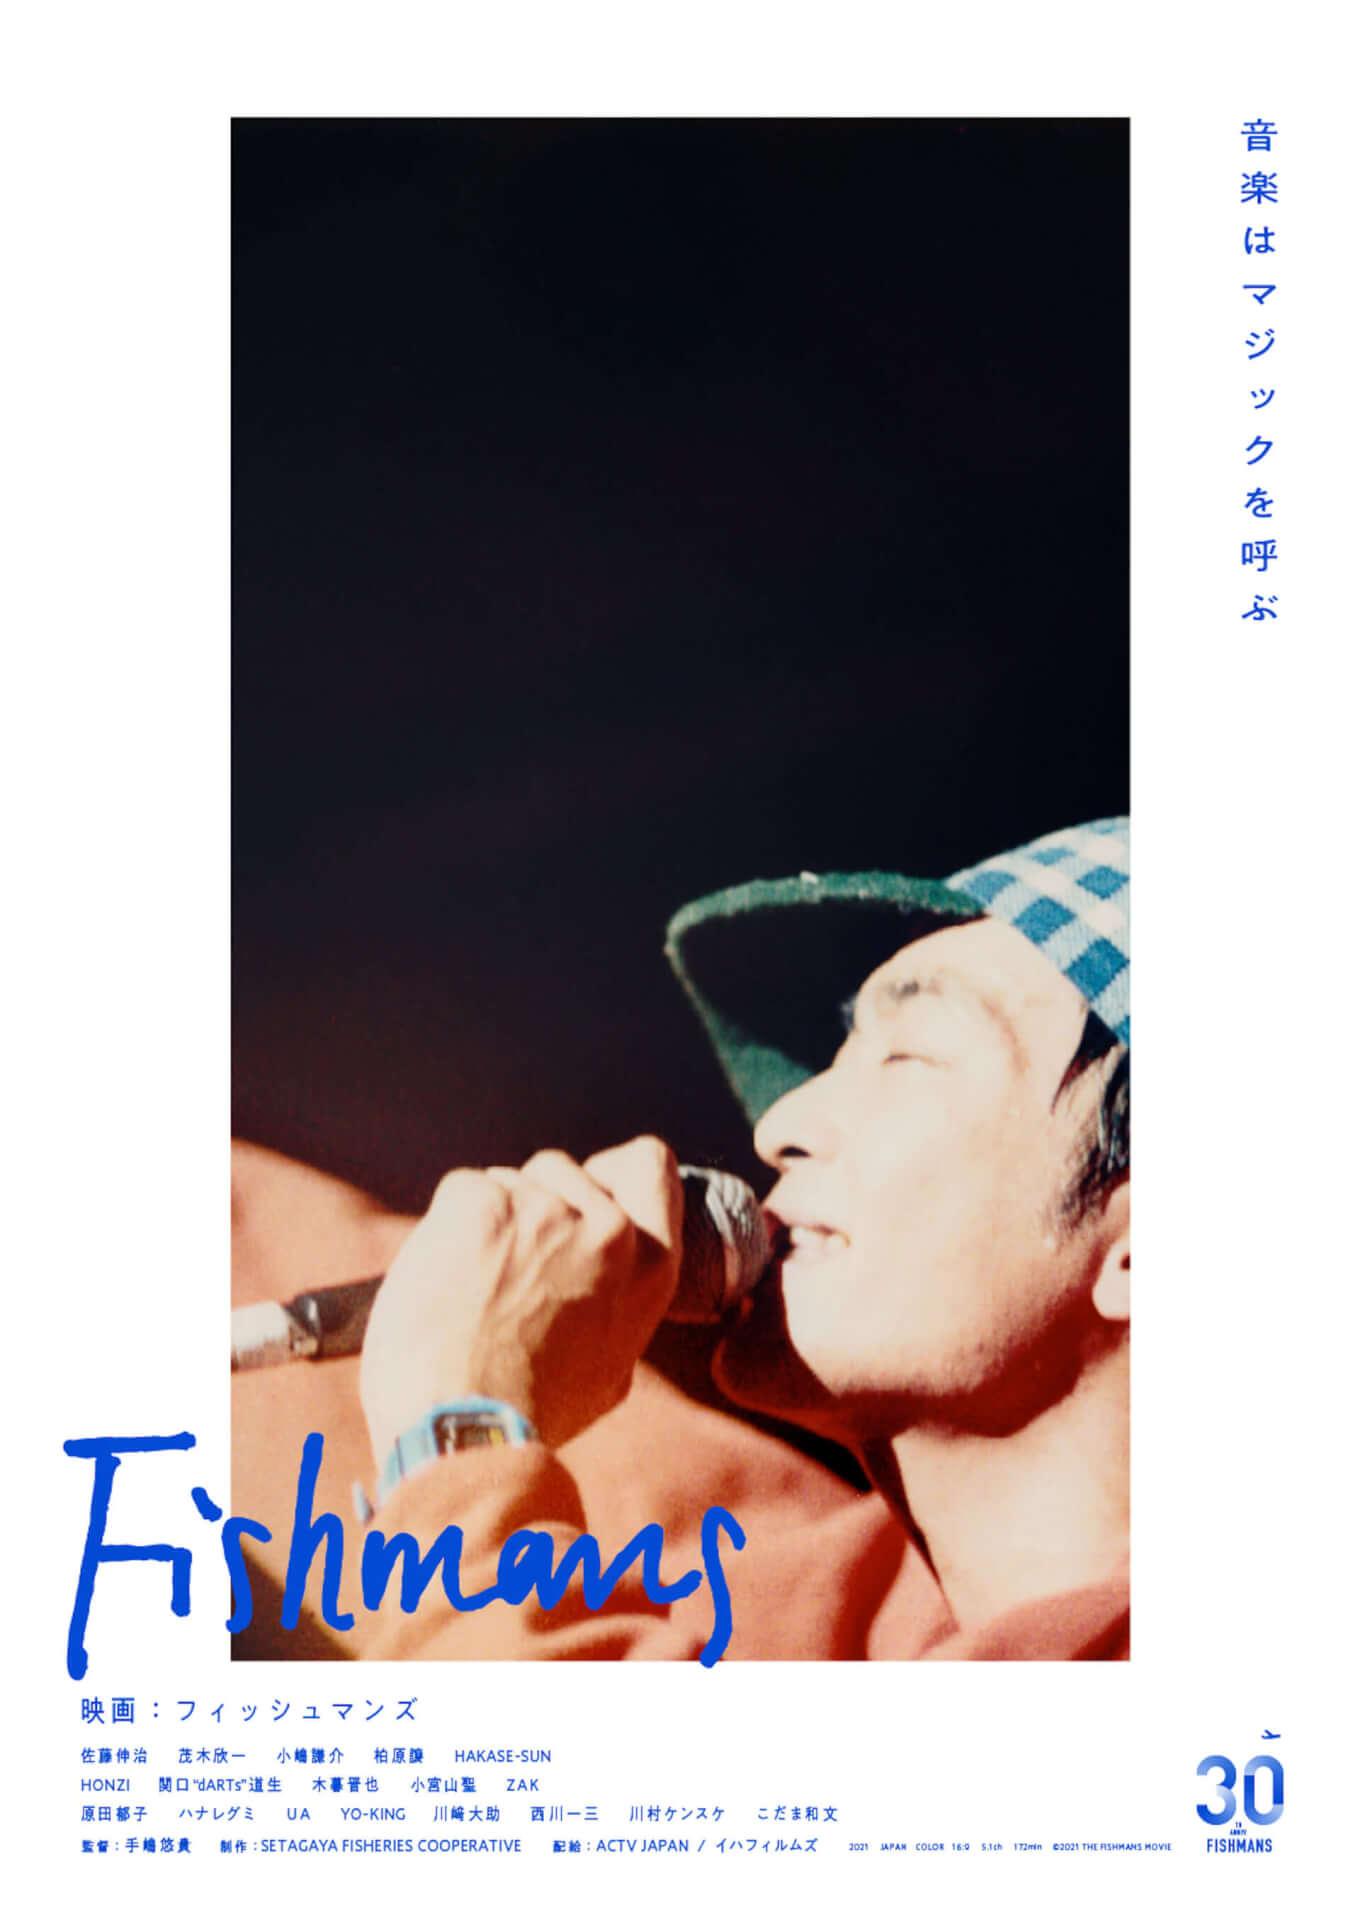 『映画:フィッシュマンズ』が観客動員数1万人突破!茂木欣一からのコメント&メッセージ動画も公開 film210722_fishmans_1